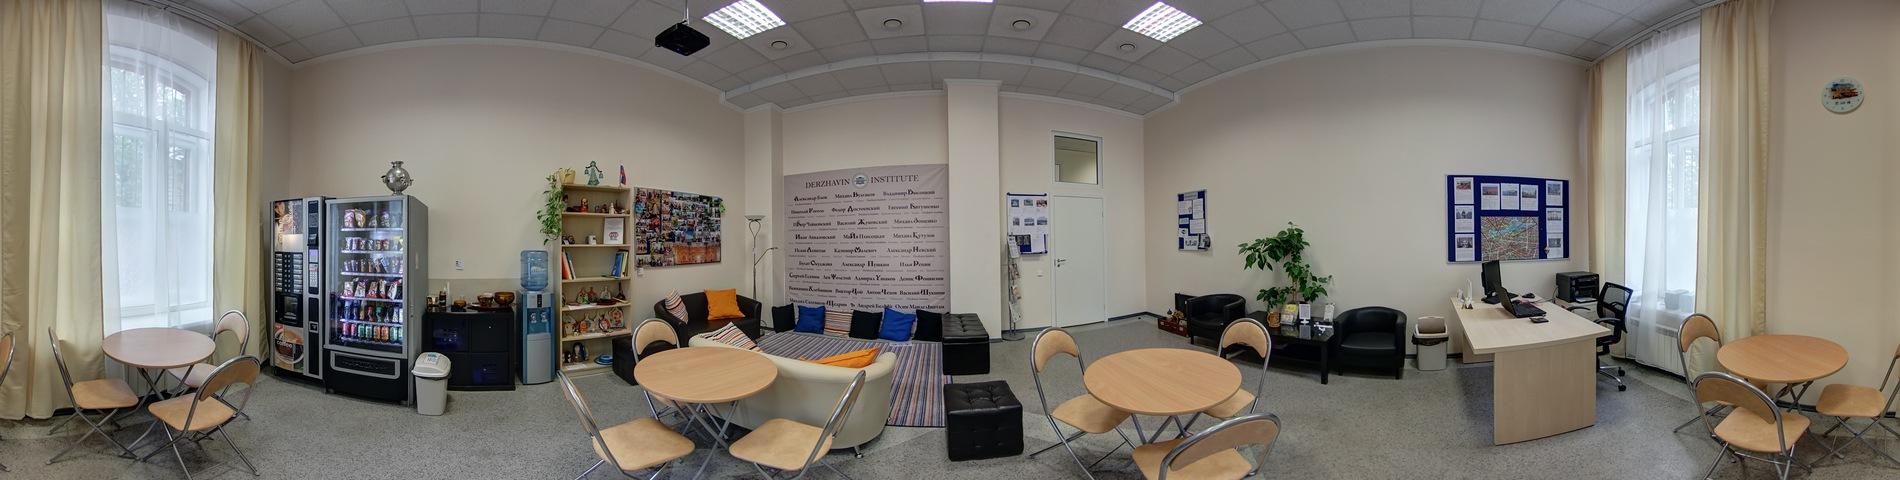 Obrázok školy Derzhavin Institute – 1